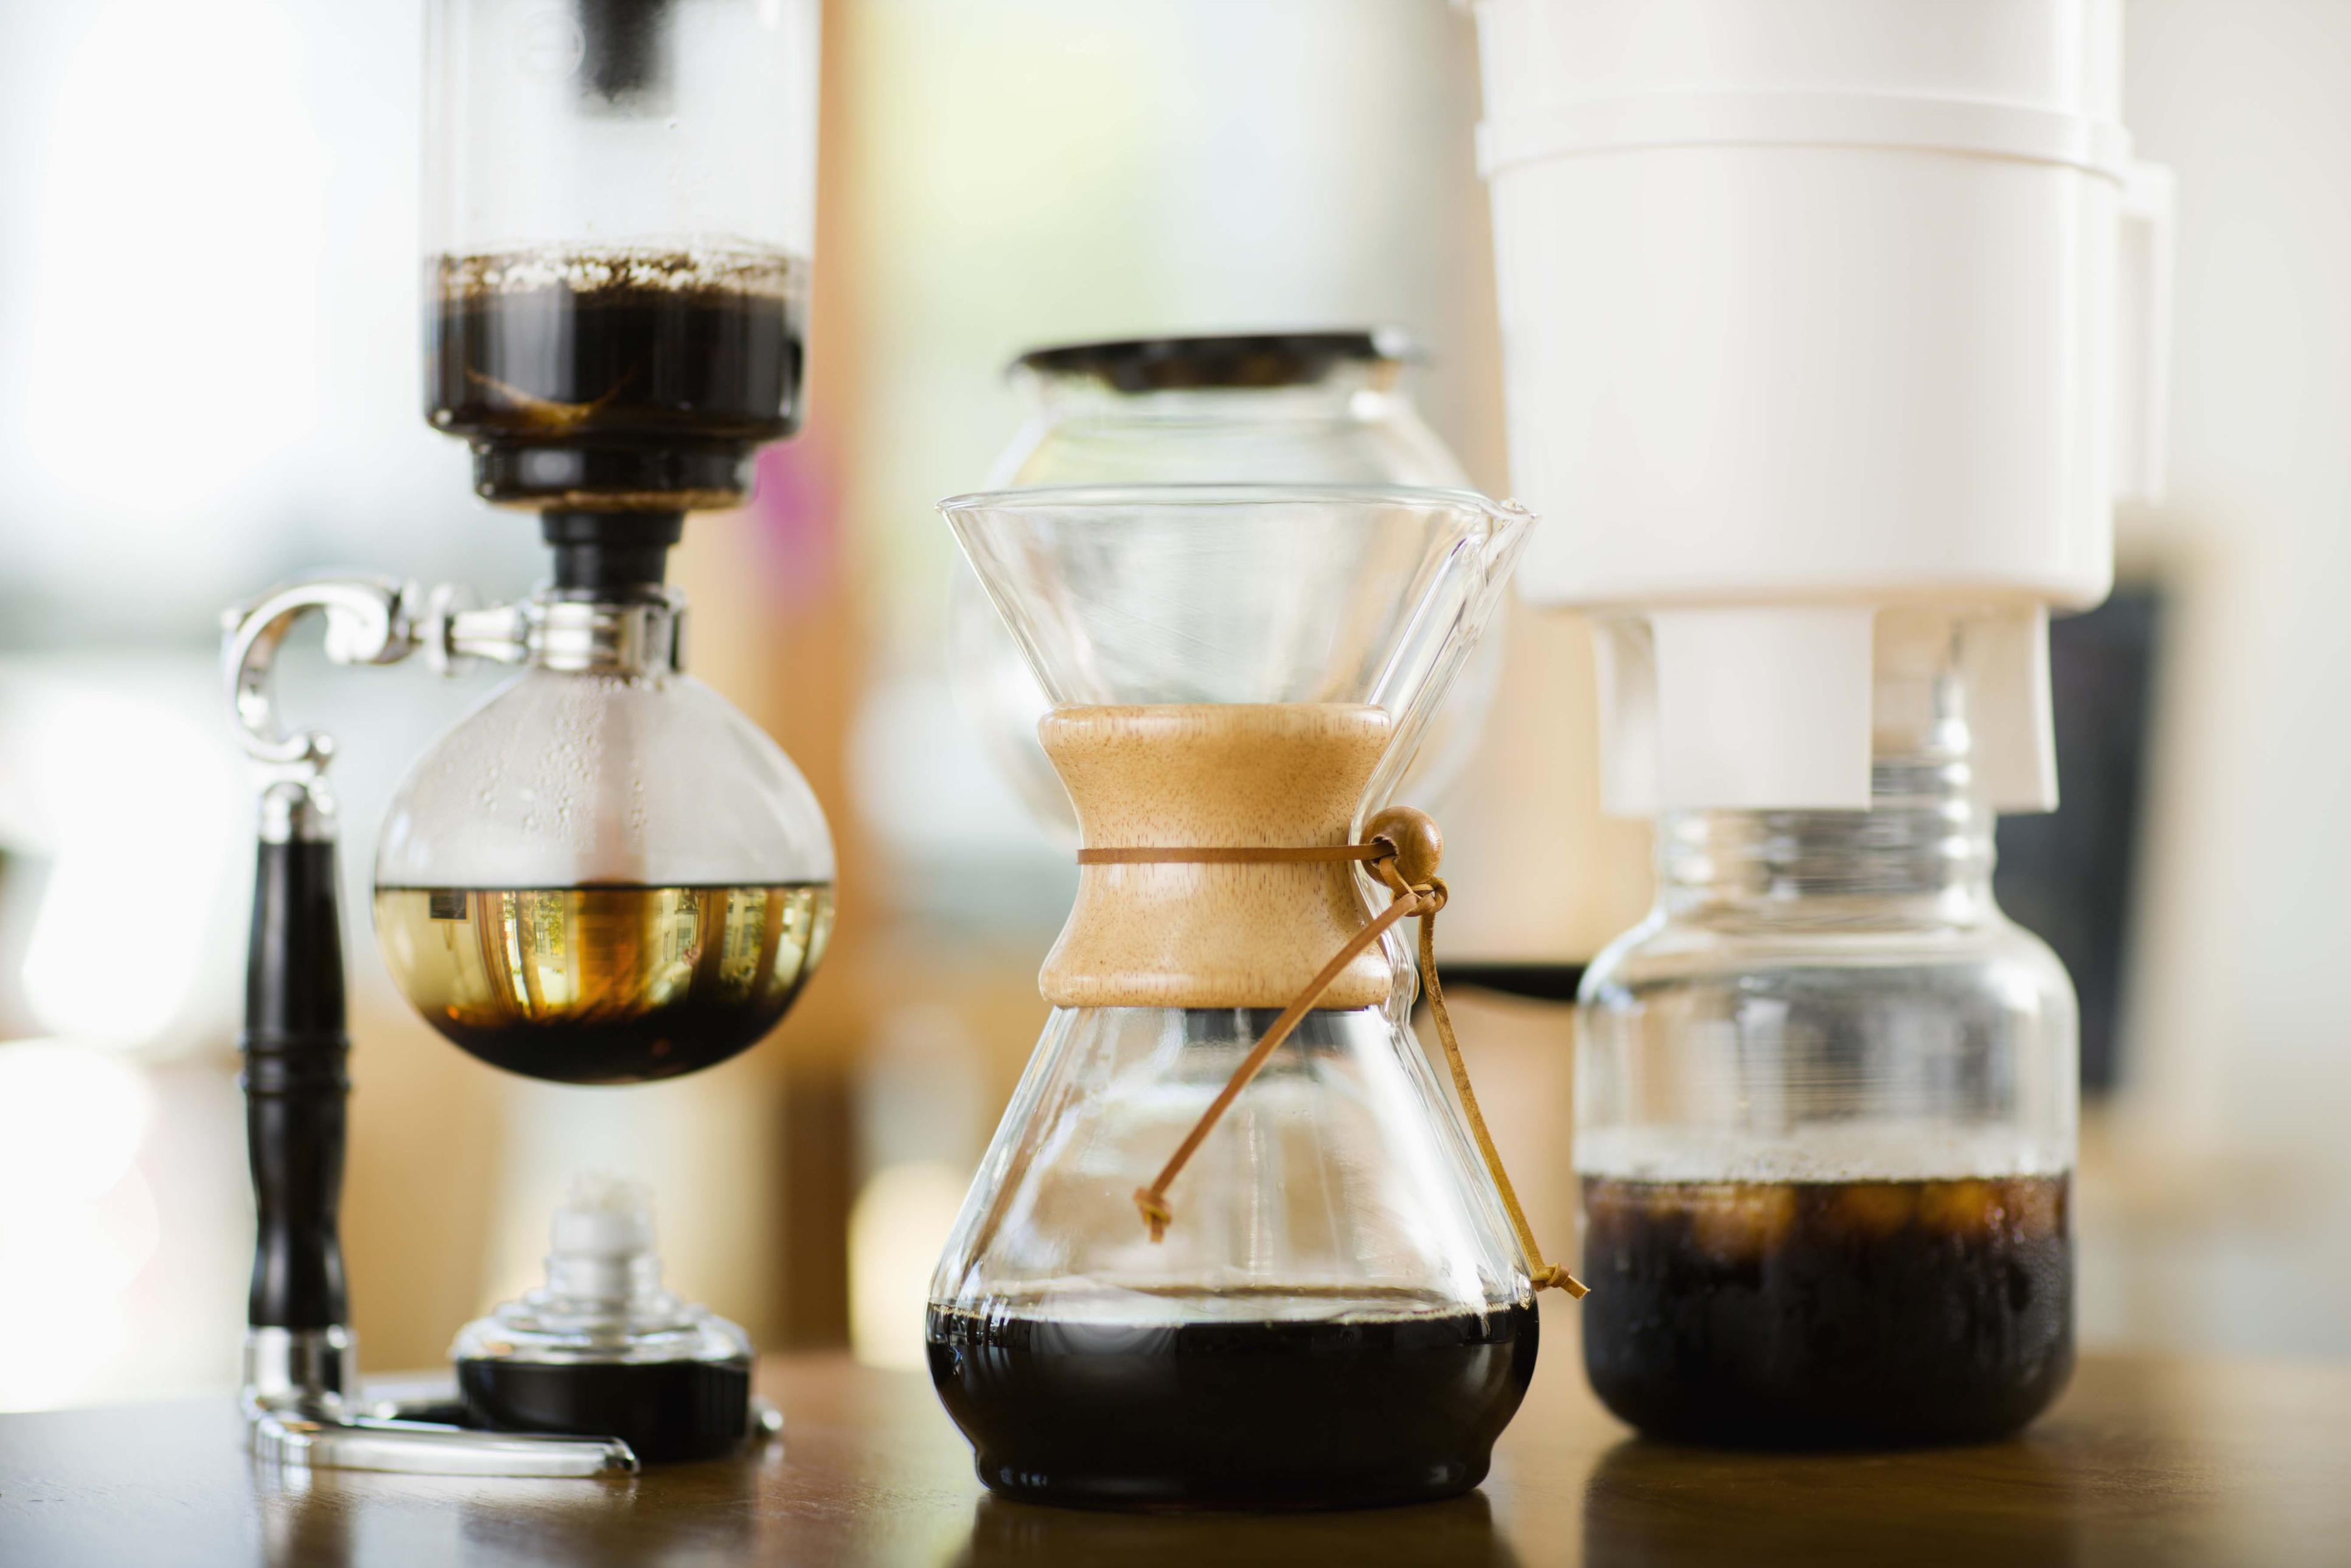 Chemex coffeemakers.